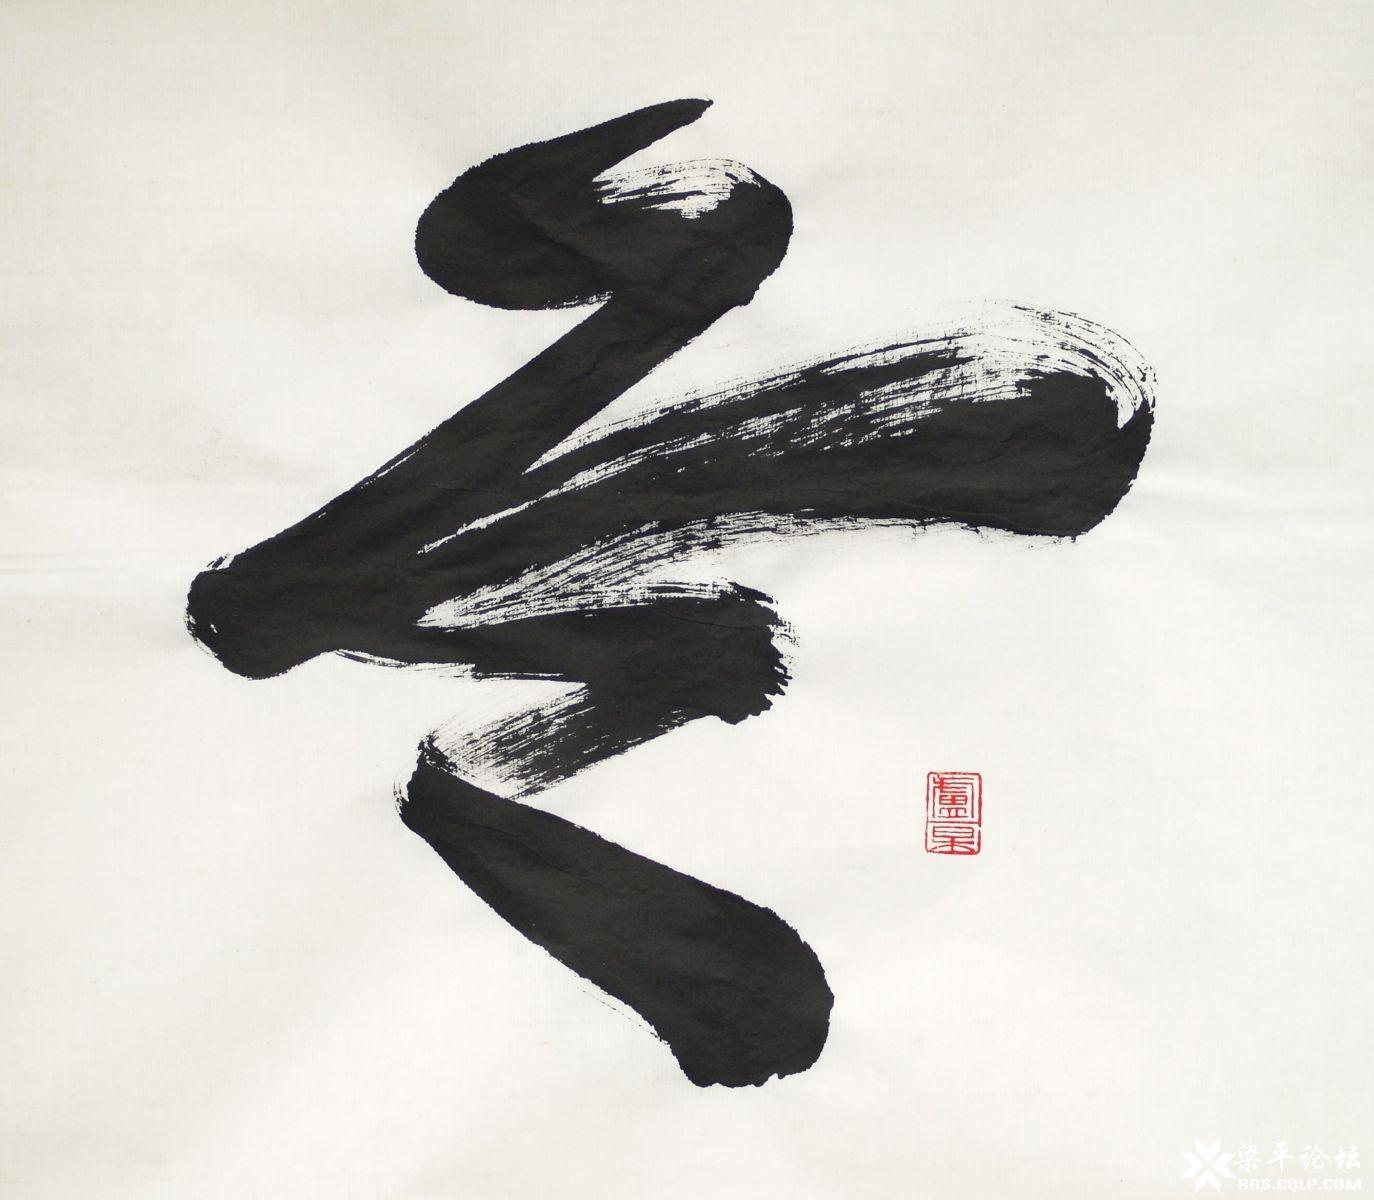 第24届冬季奥运会会徽灵感来源于中国行草书法冬字(书法作品卢杲创作).jpg